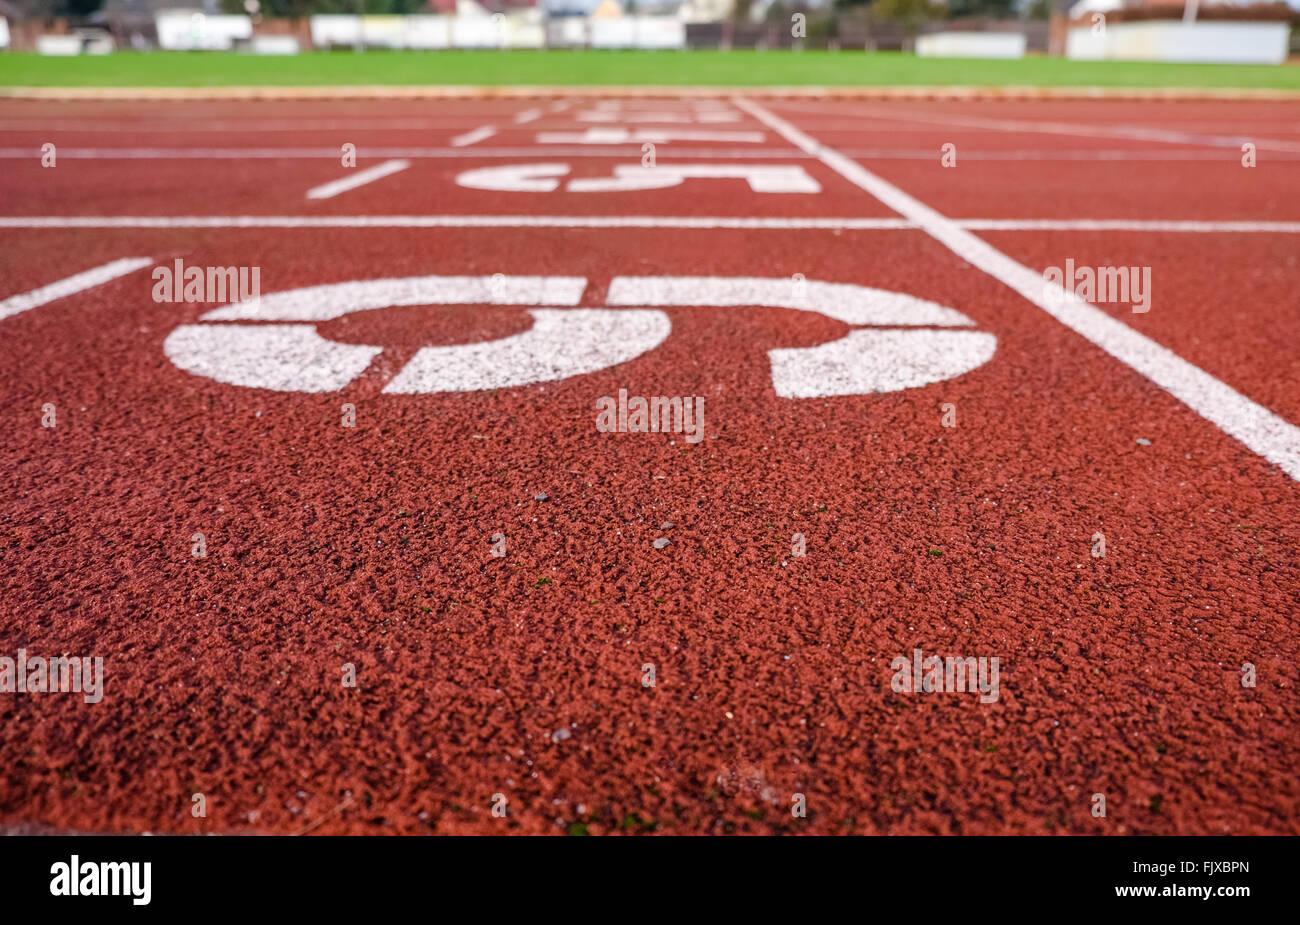 Zahlen auf der Laufstrecke Stockbild